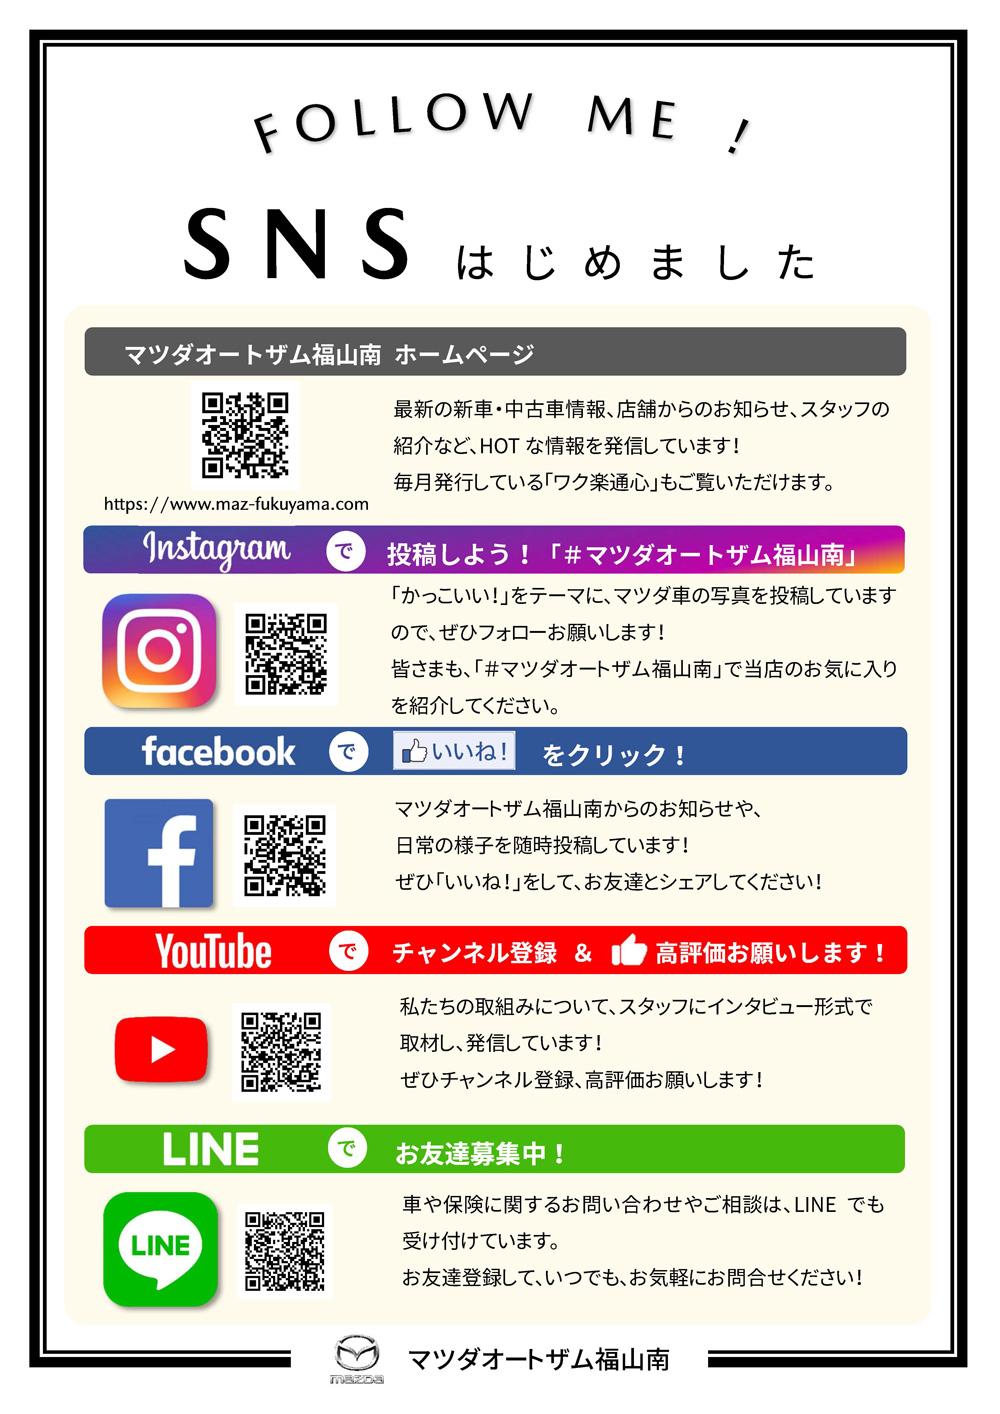 ニュース_SNS告知